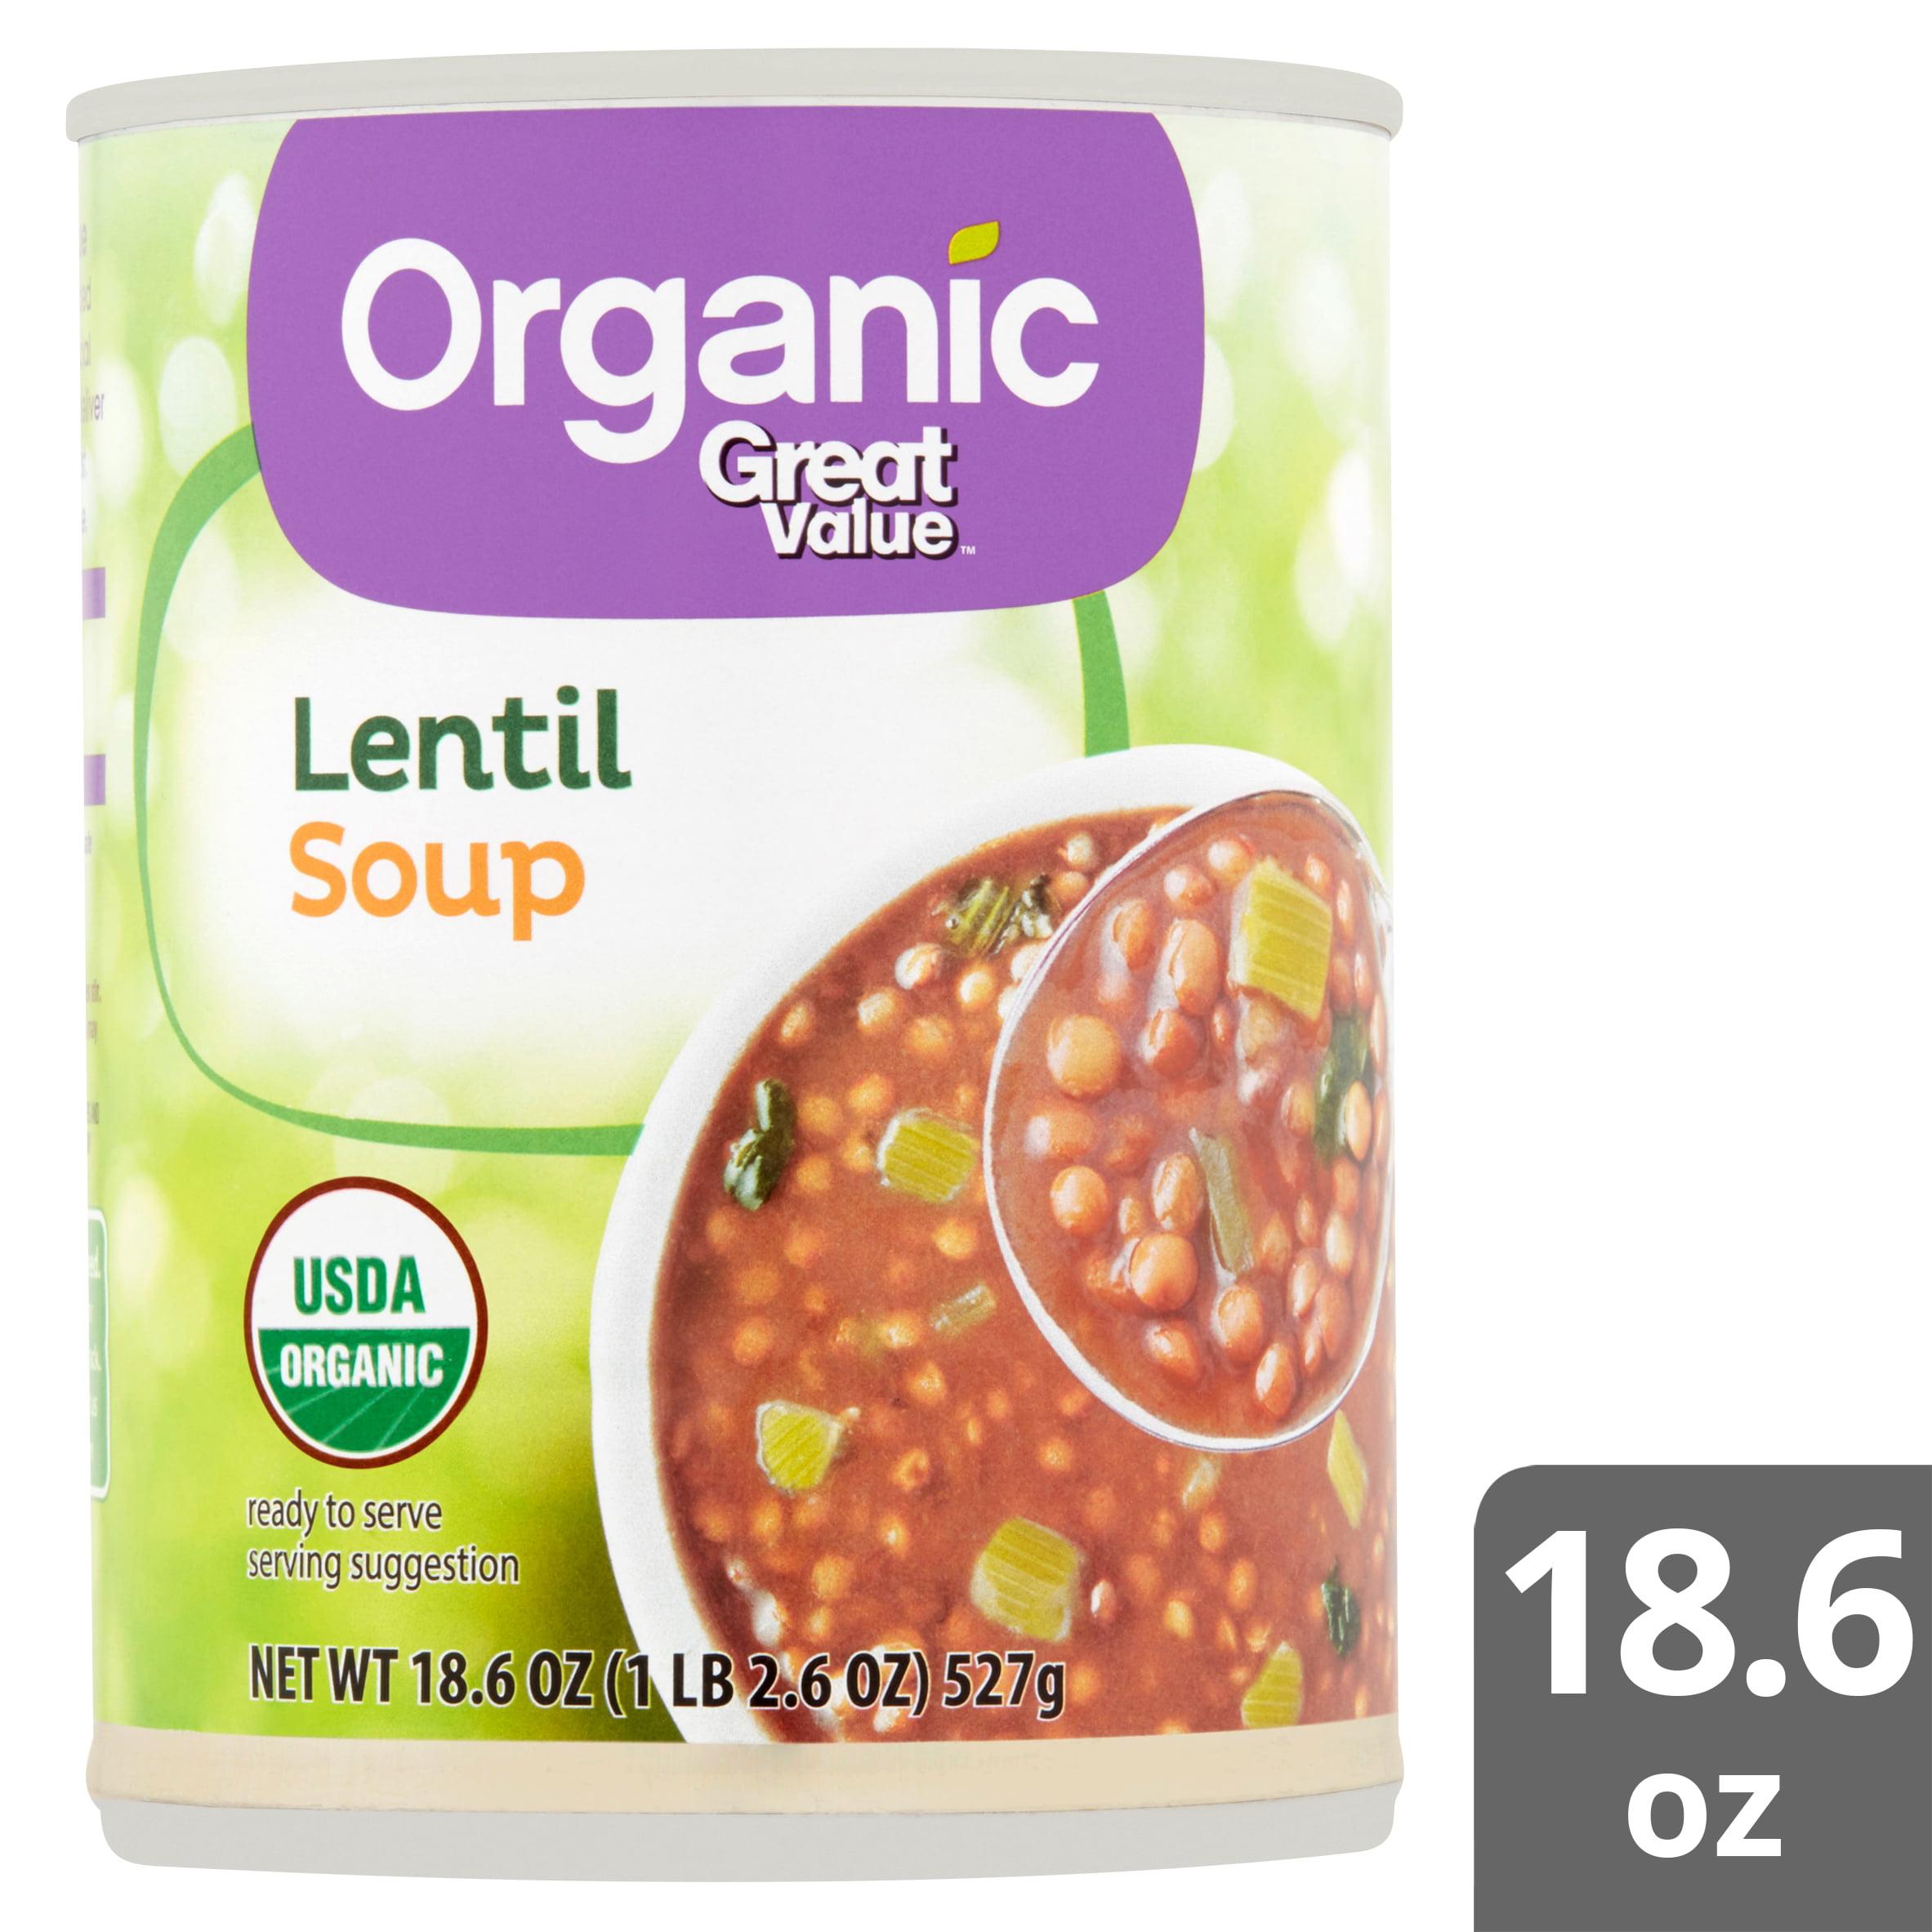 Organic Lentil Soup, 18.6 oz